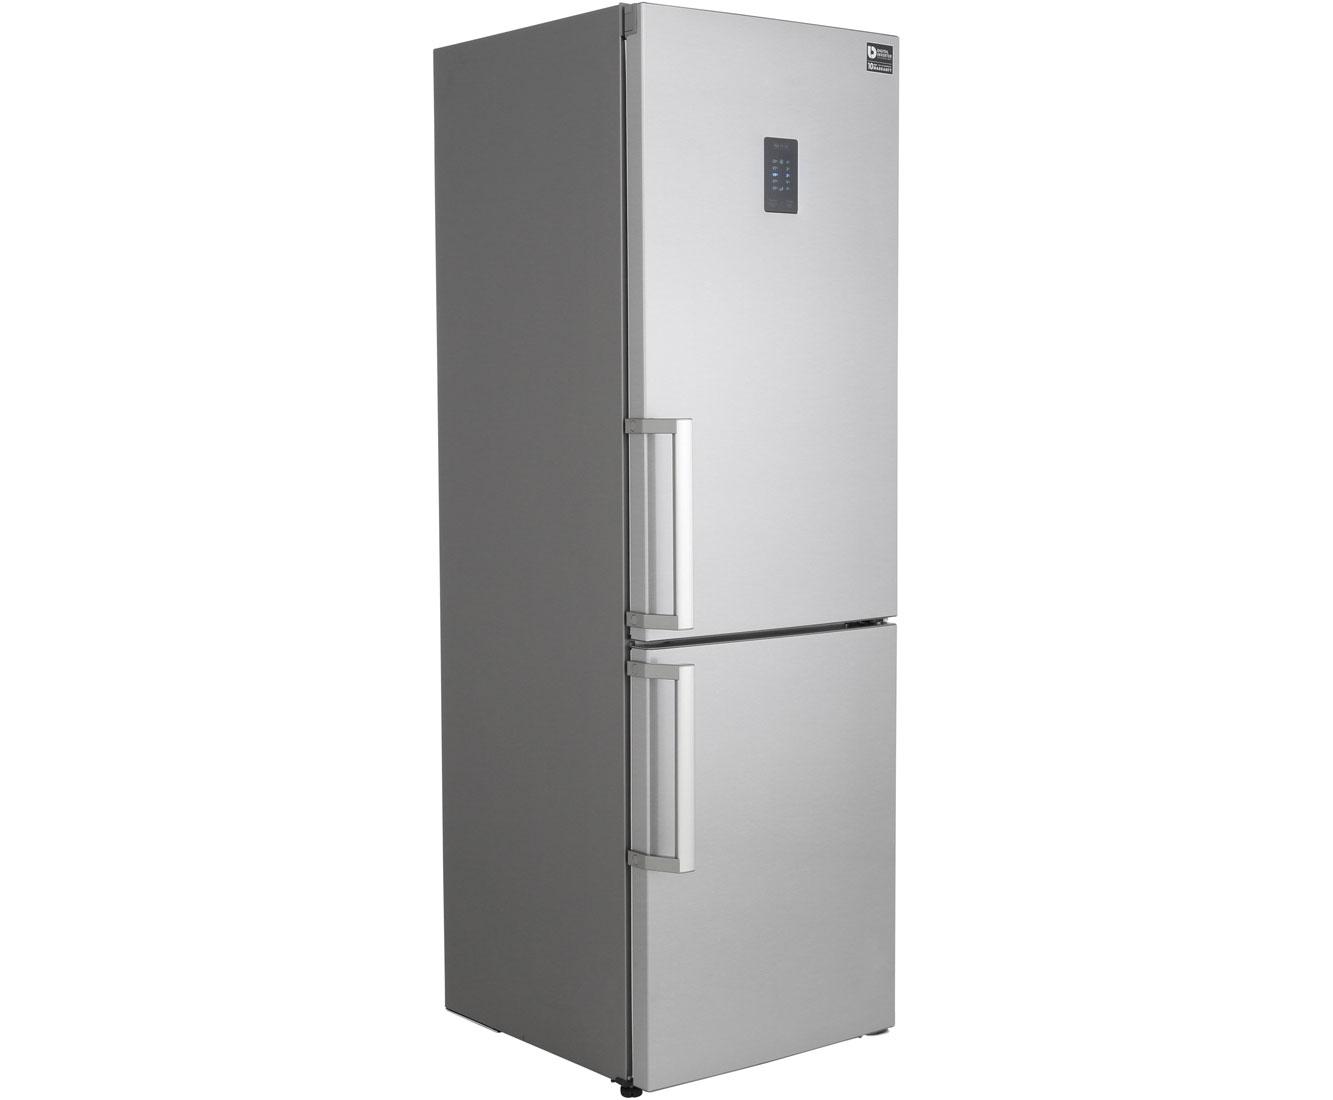 Kühlschrank Zubehör Samsung : Samsung rb j sa ef kühl gefrierkombination mit no frost er